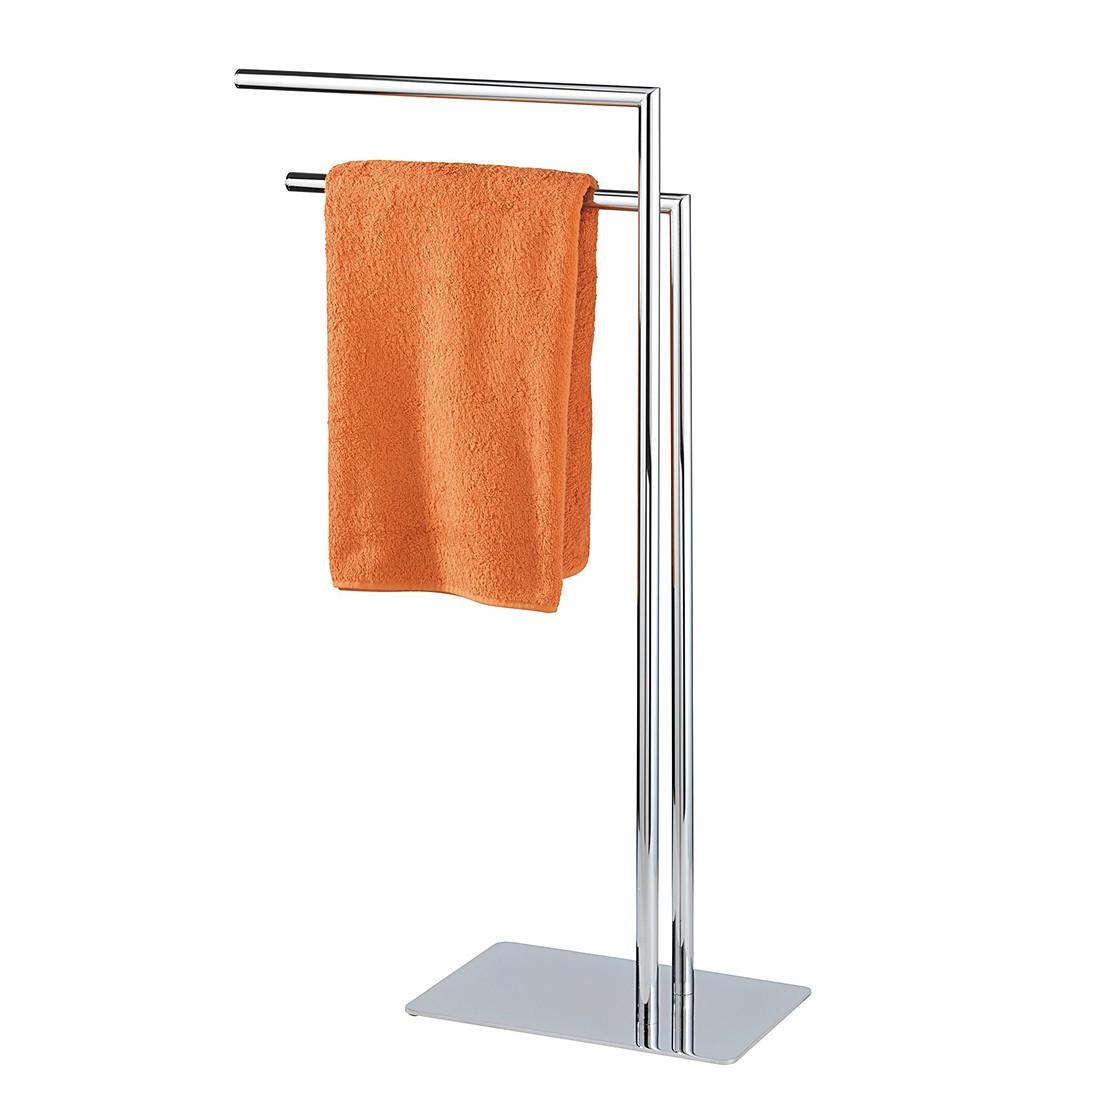 Handtuchständer Recco – Chrom, WENKO online bestellen